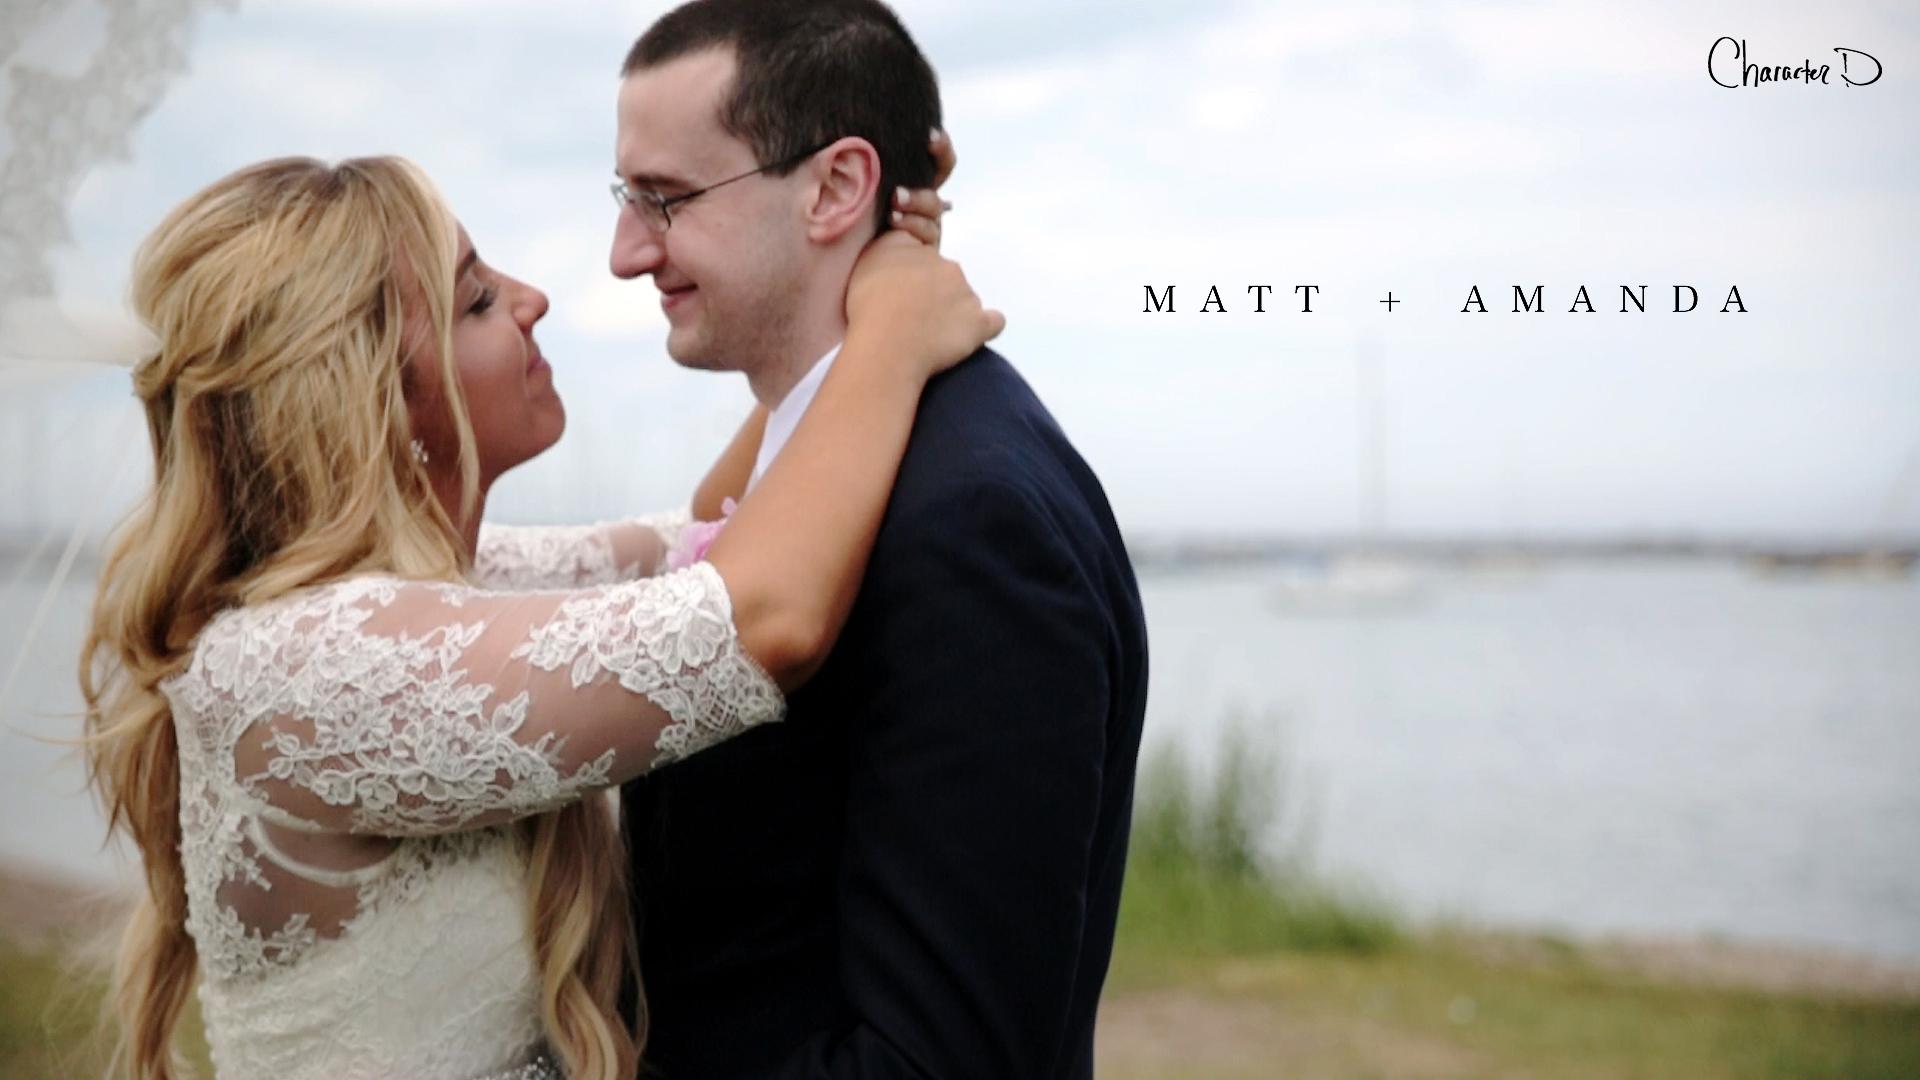 Matt + Amanda